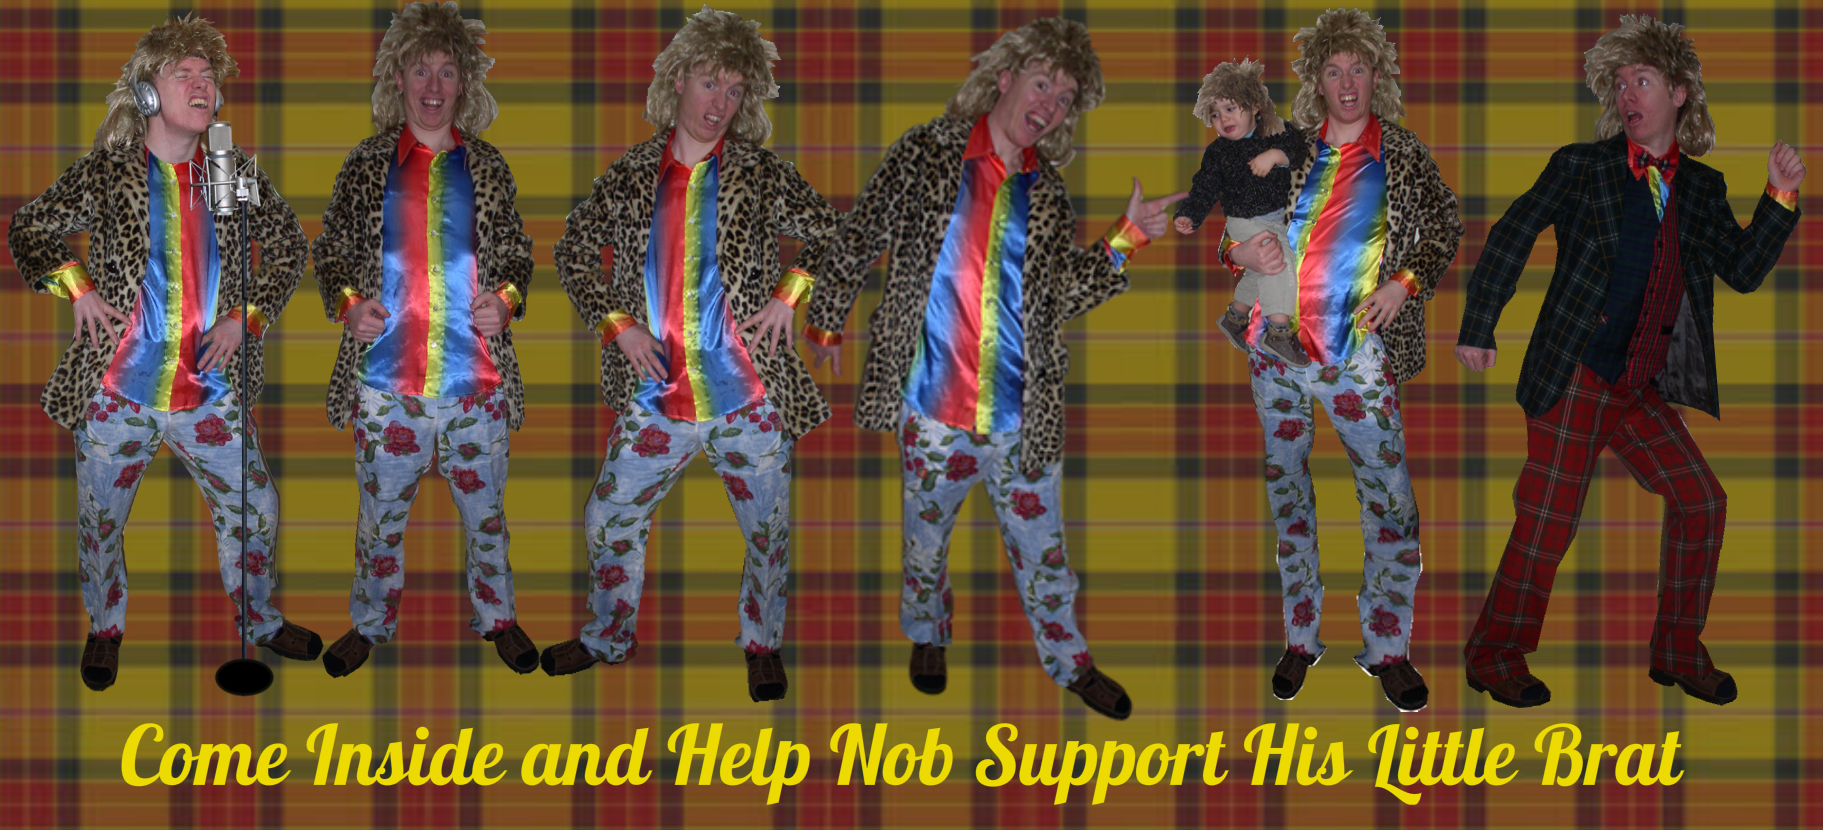 nob support